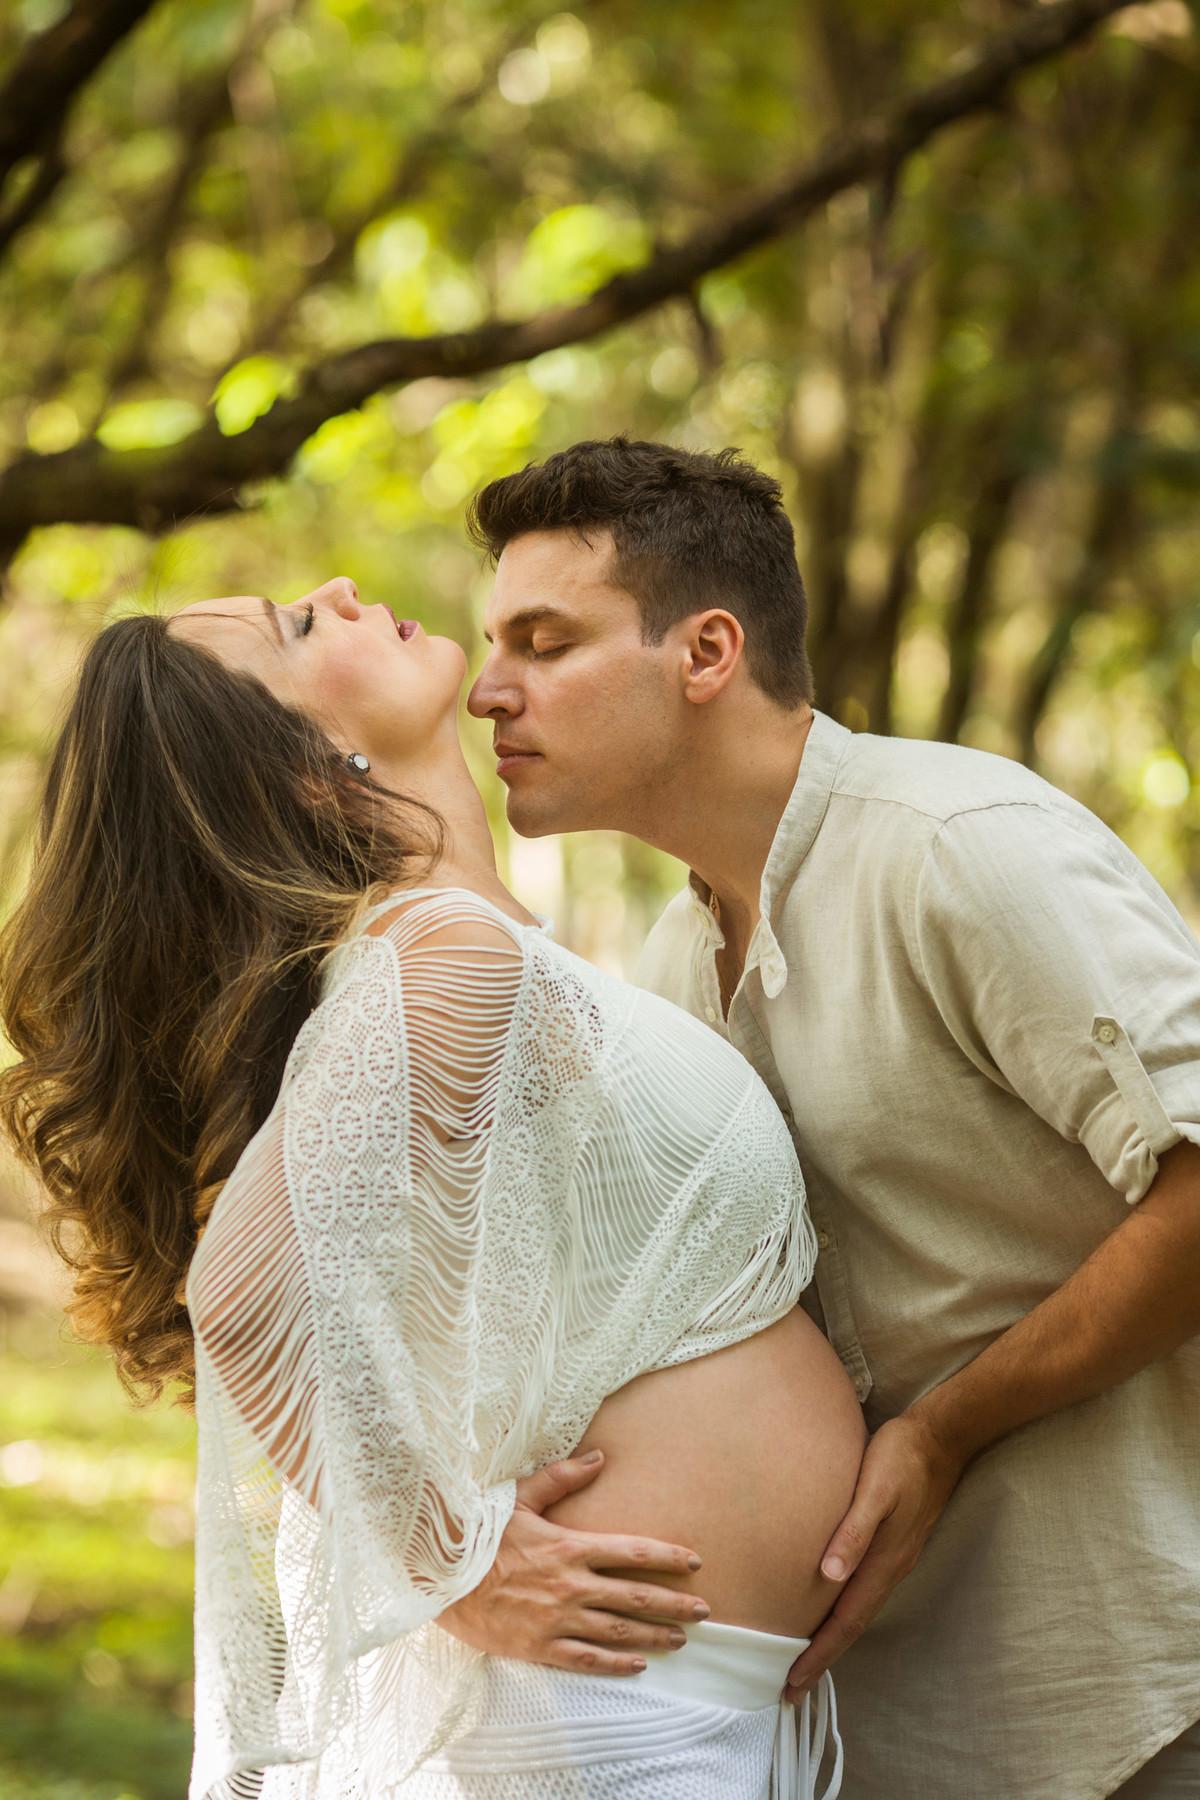 Marido beijando esposa grávida na floresta. Foto feita pelo fotografo de gestante Rafael Ohana em Brasilia-DF